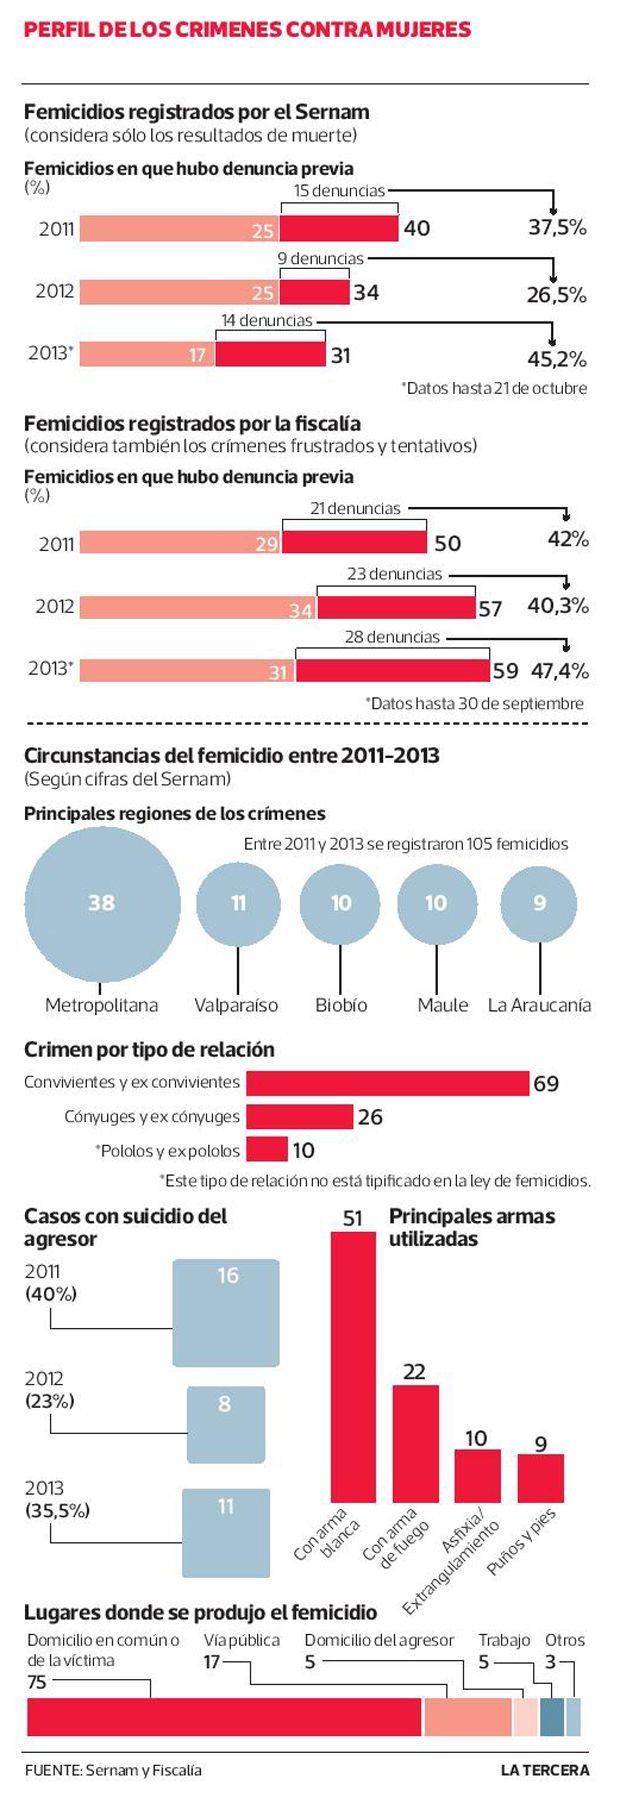 Alta tasa de denuncias en víctimas de femicidios revela debilidad en sistema. #Chile octubre 2013